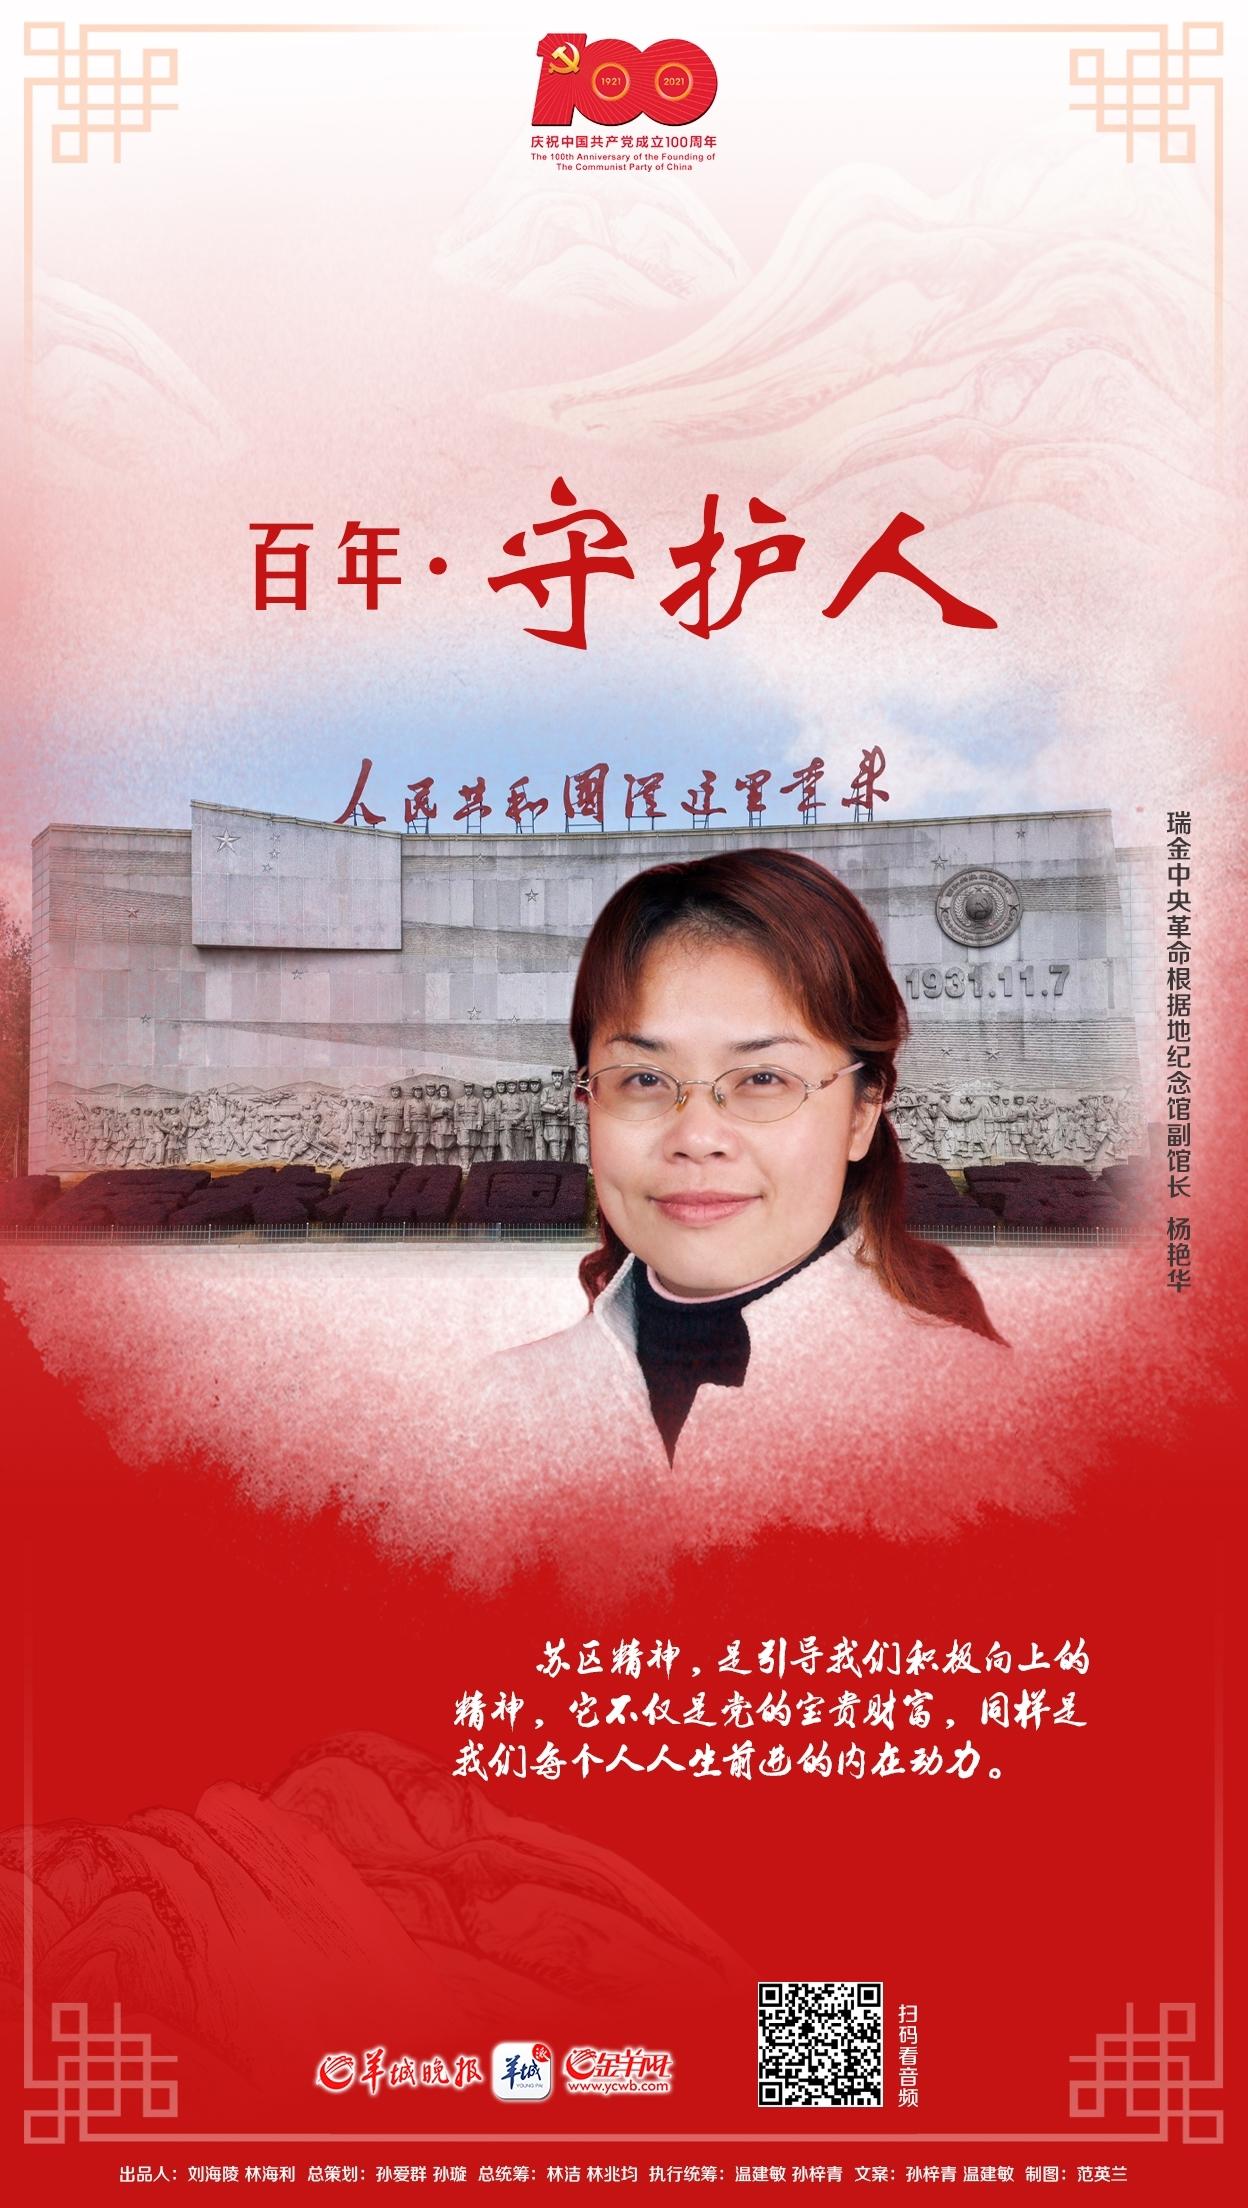 红色宝藏寻踪丨听,瑞金中央革命根据地纪念馆的红色记忆